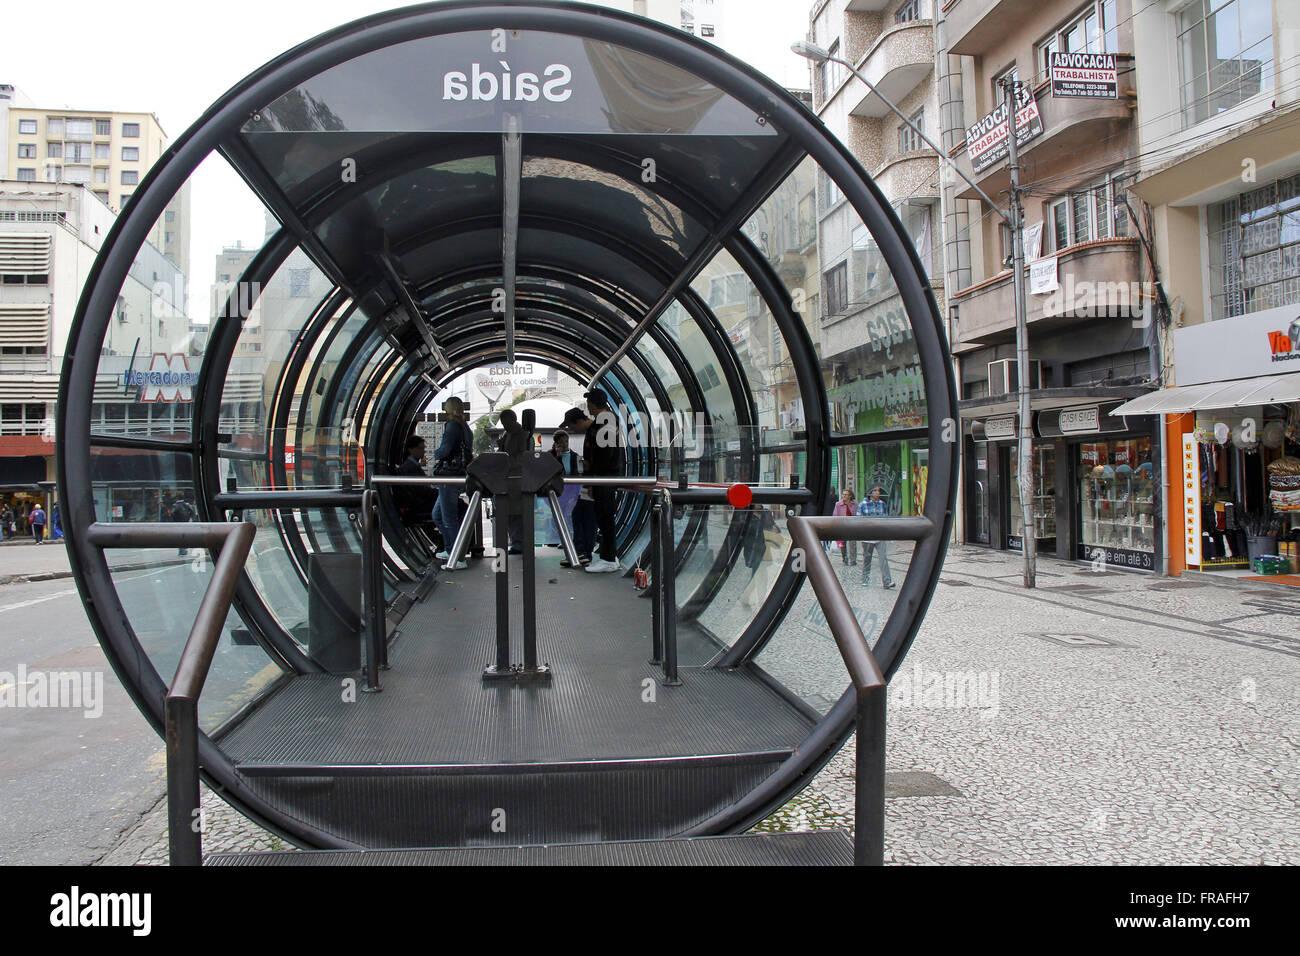 Passagiere, die auf die Ankunft des Stadtbus röhrenförmigen Saison Stockbild